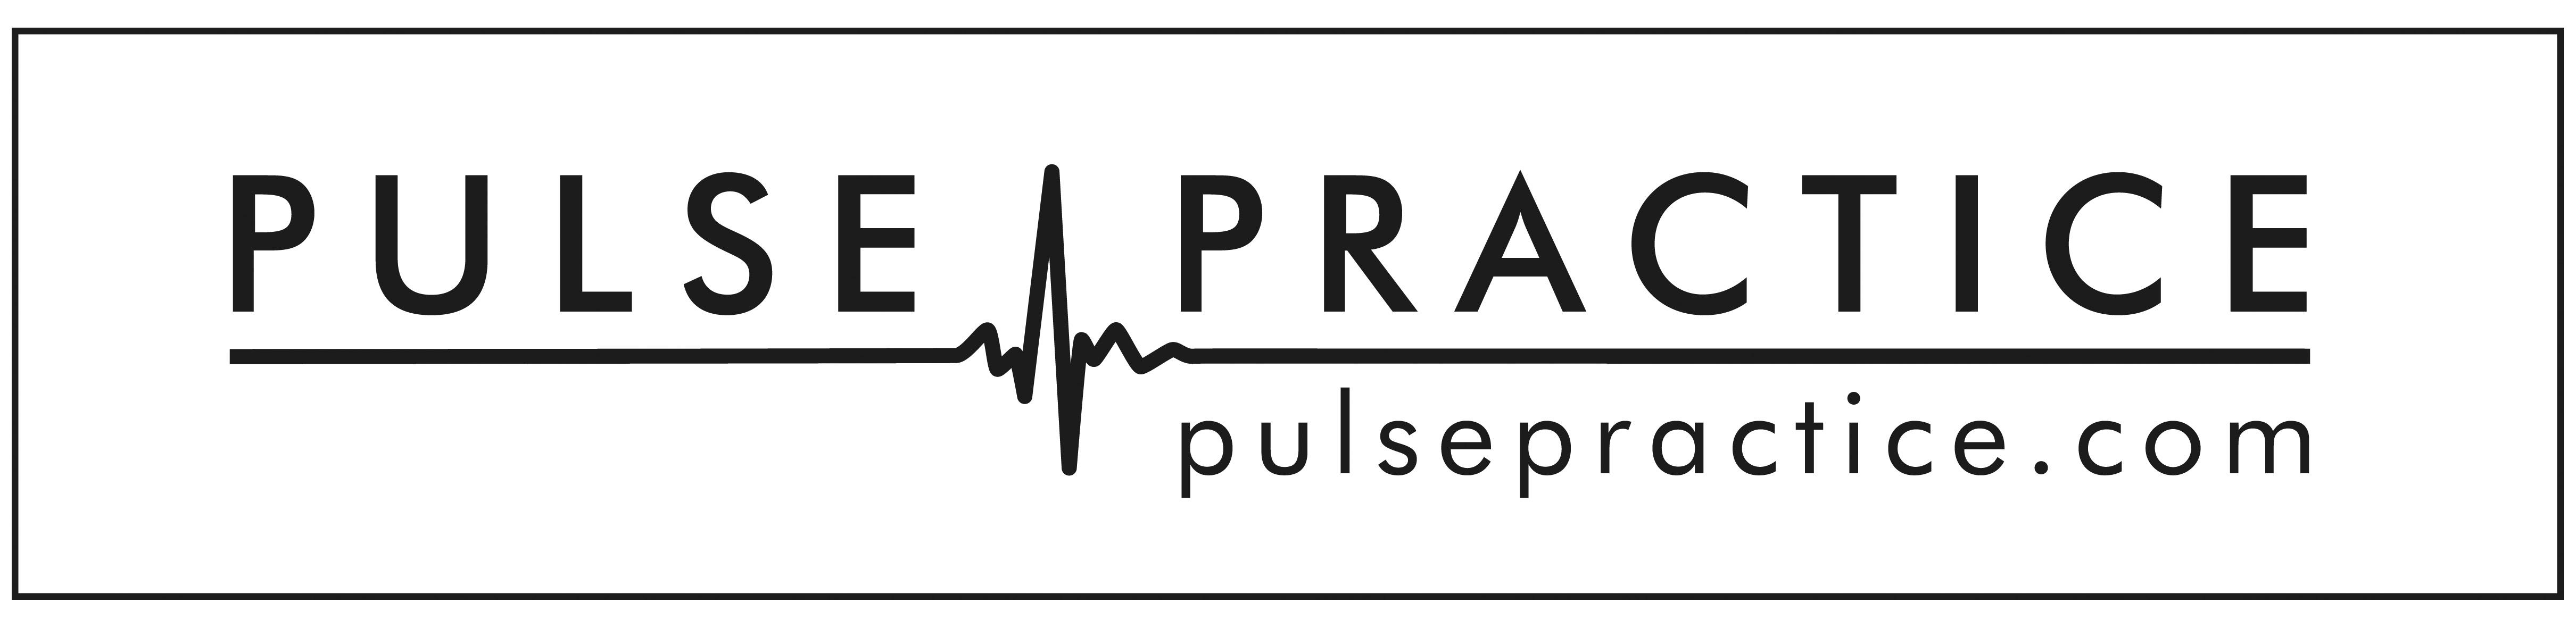 Pulse Practice